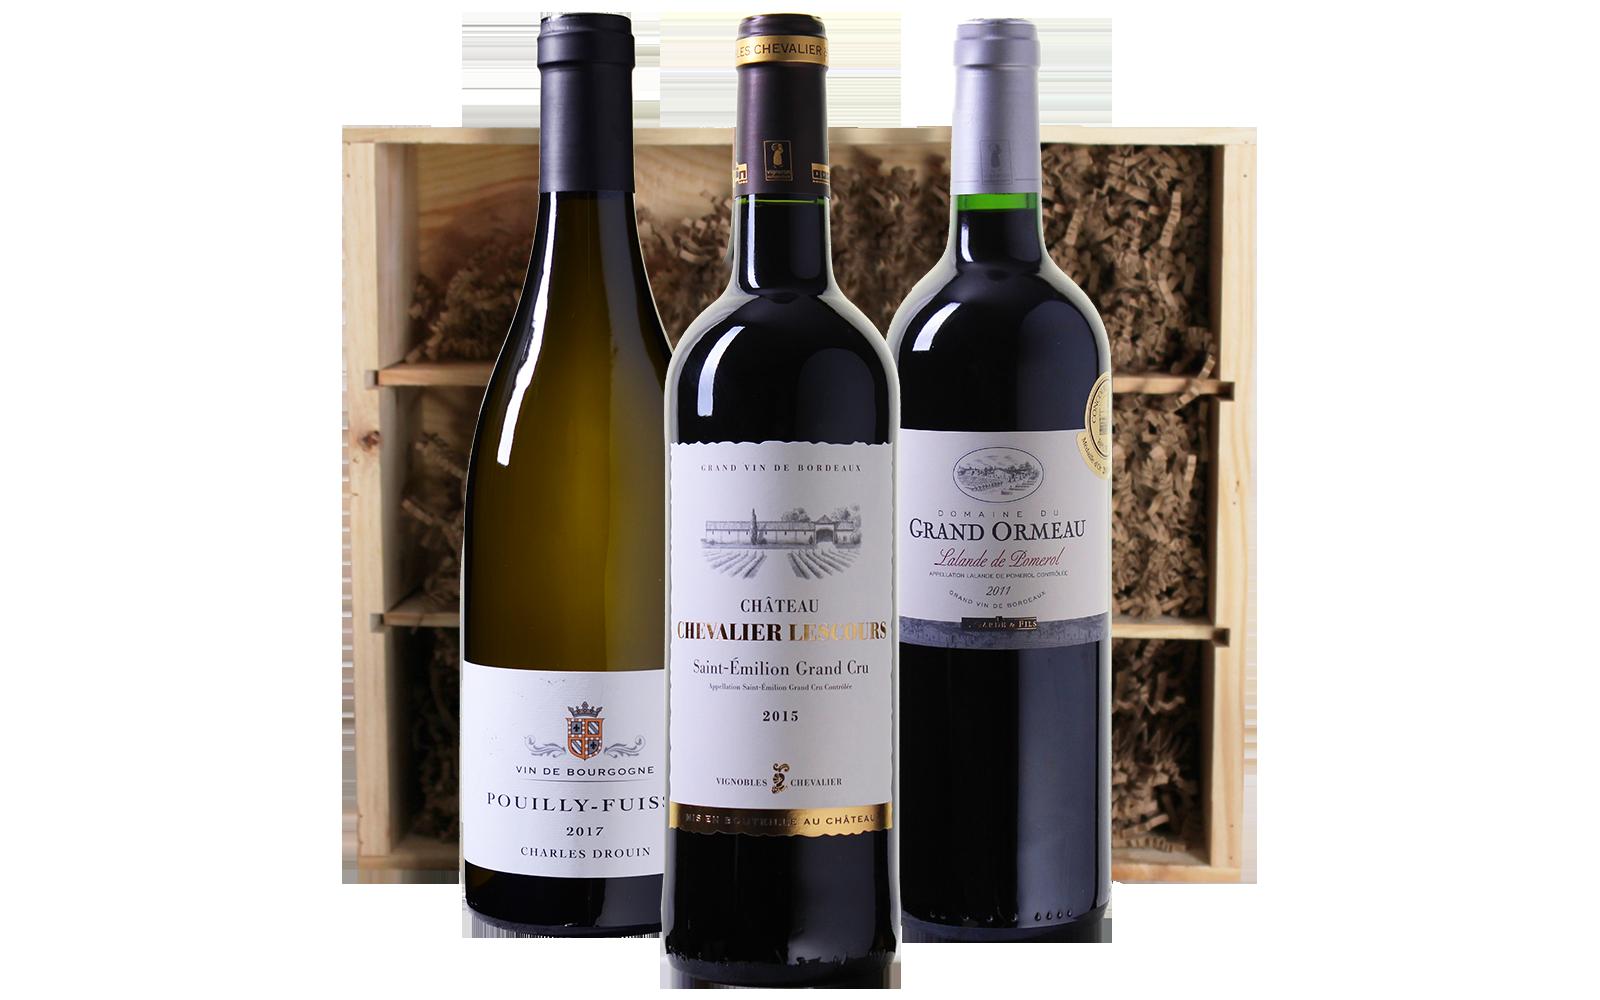 Fenomenale Franse Kist wijnbeurs.nl